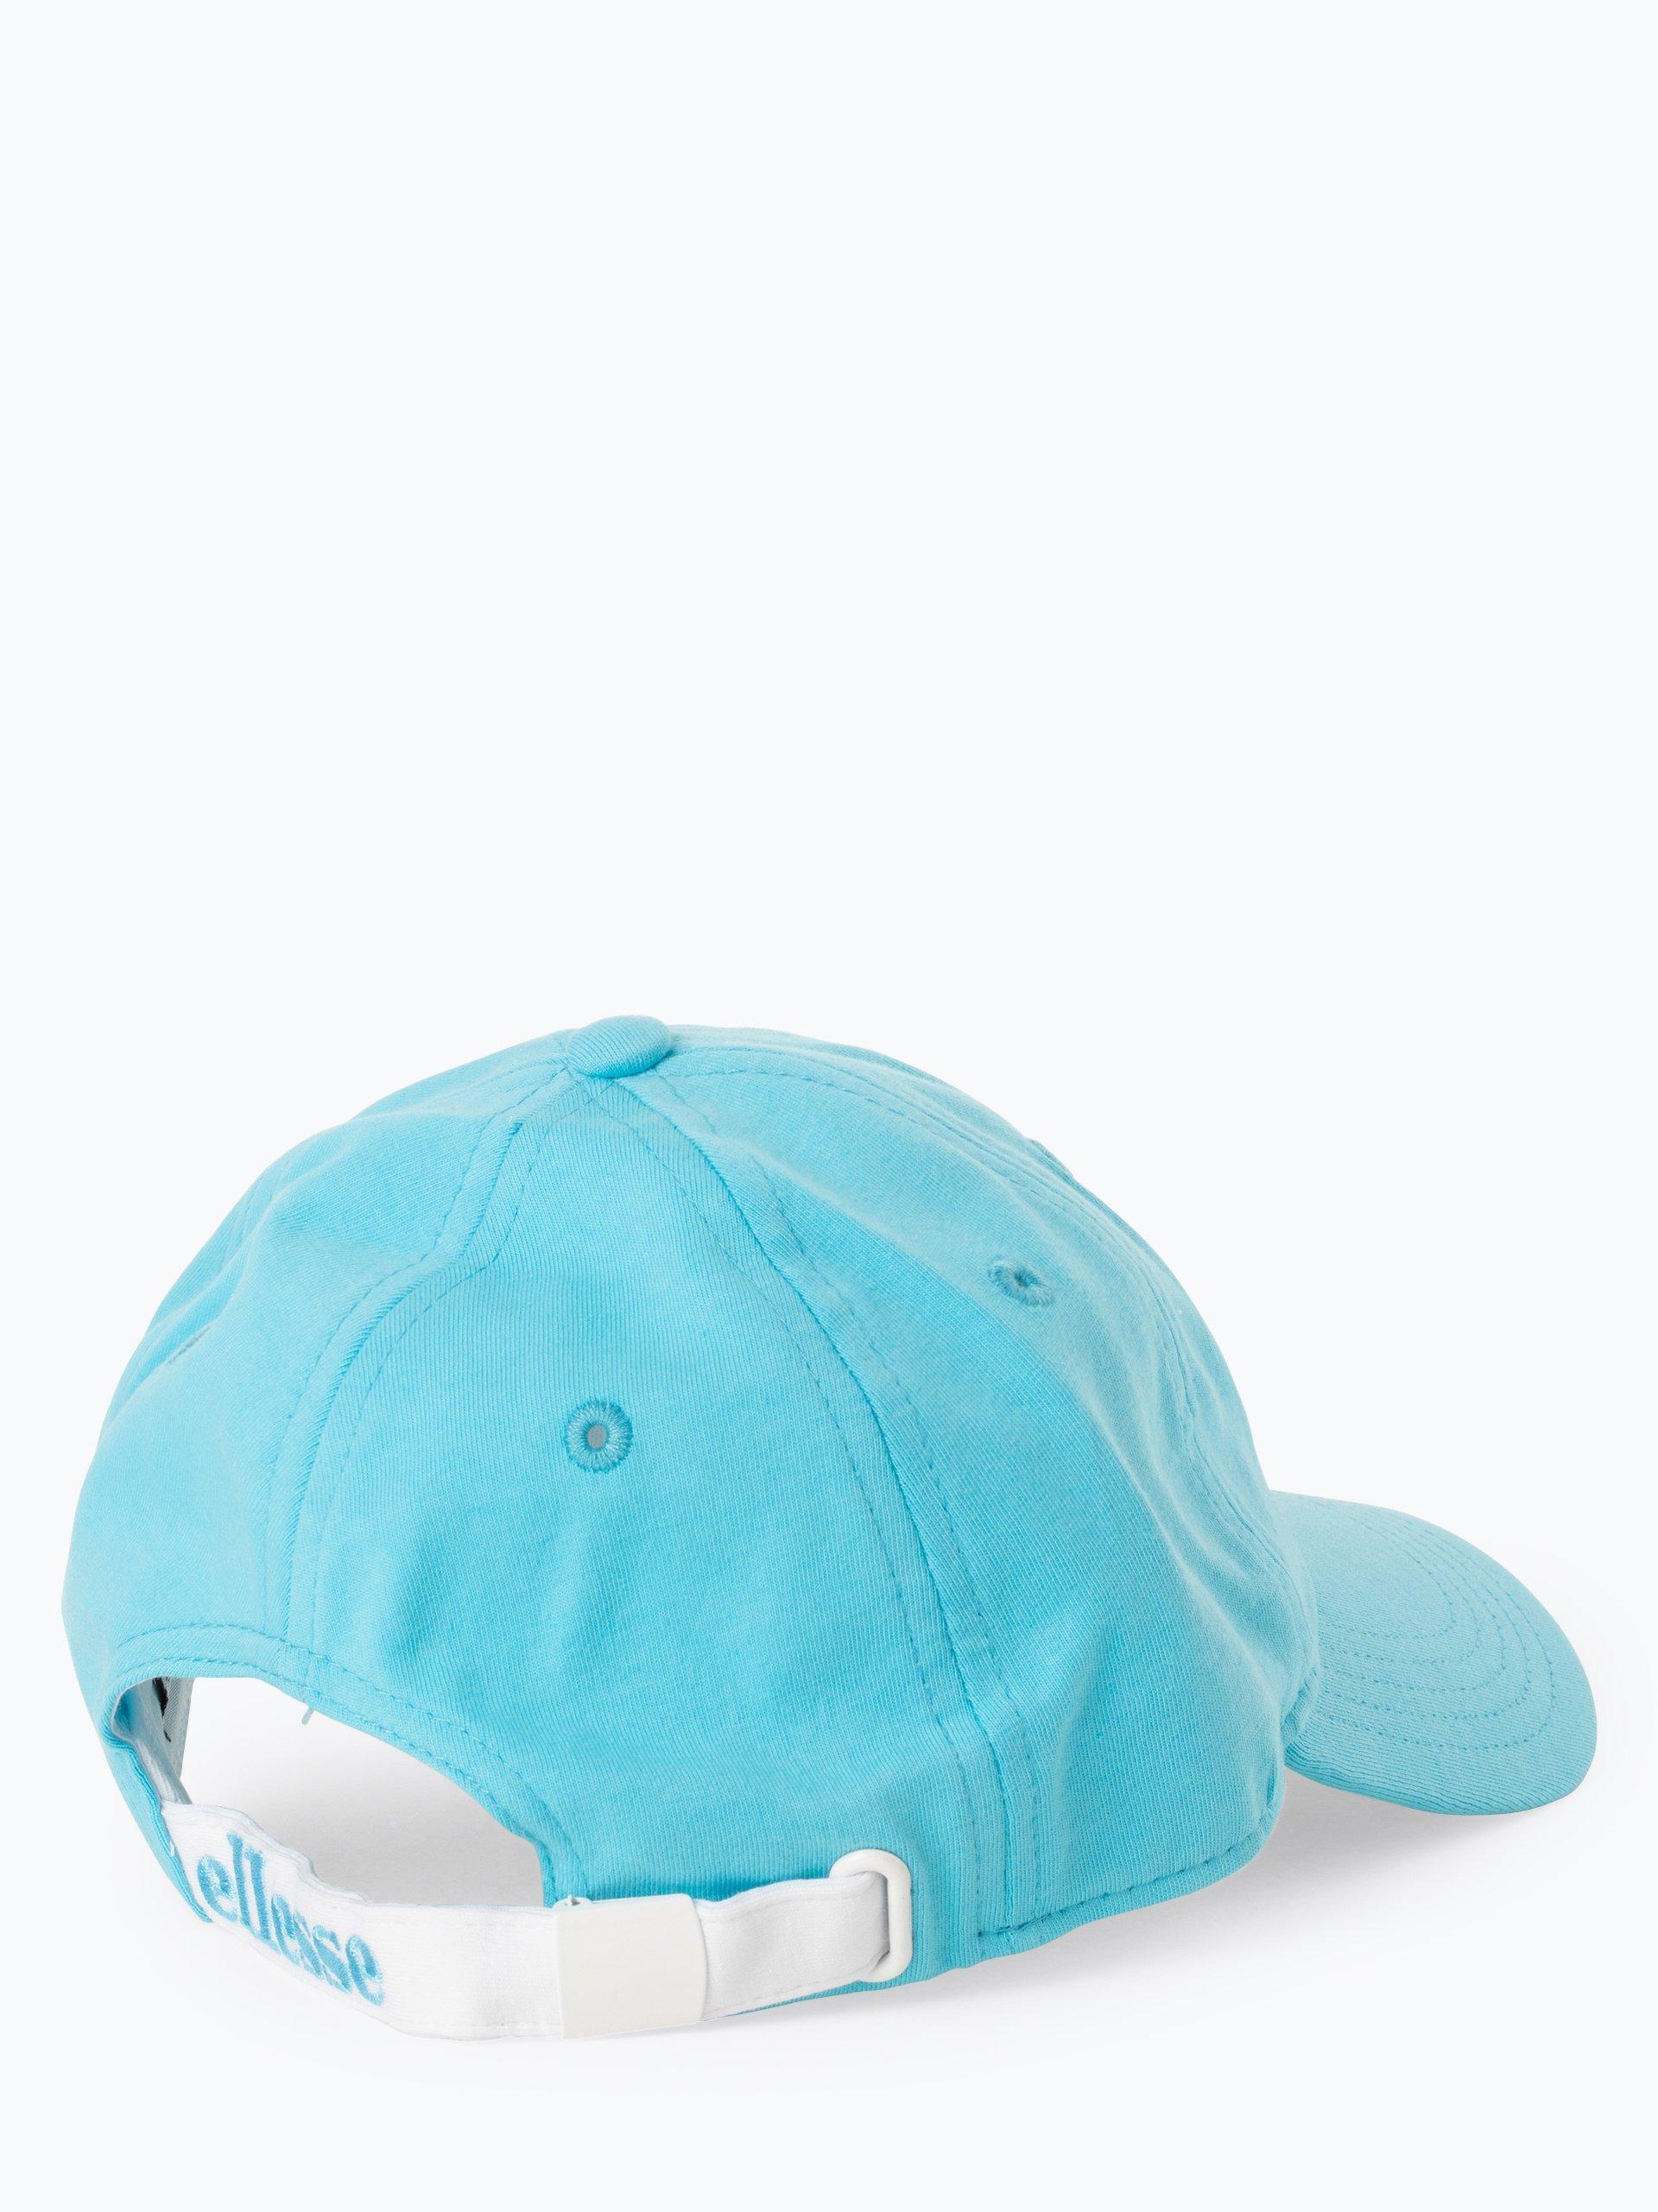 ellesse Damska czapka z daszkiem